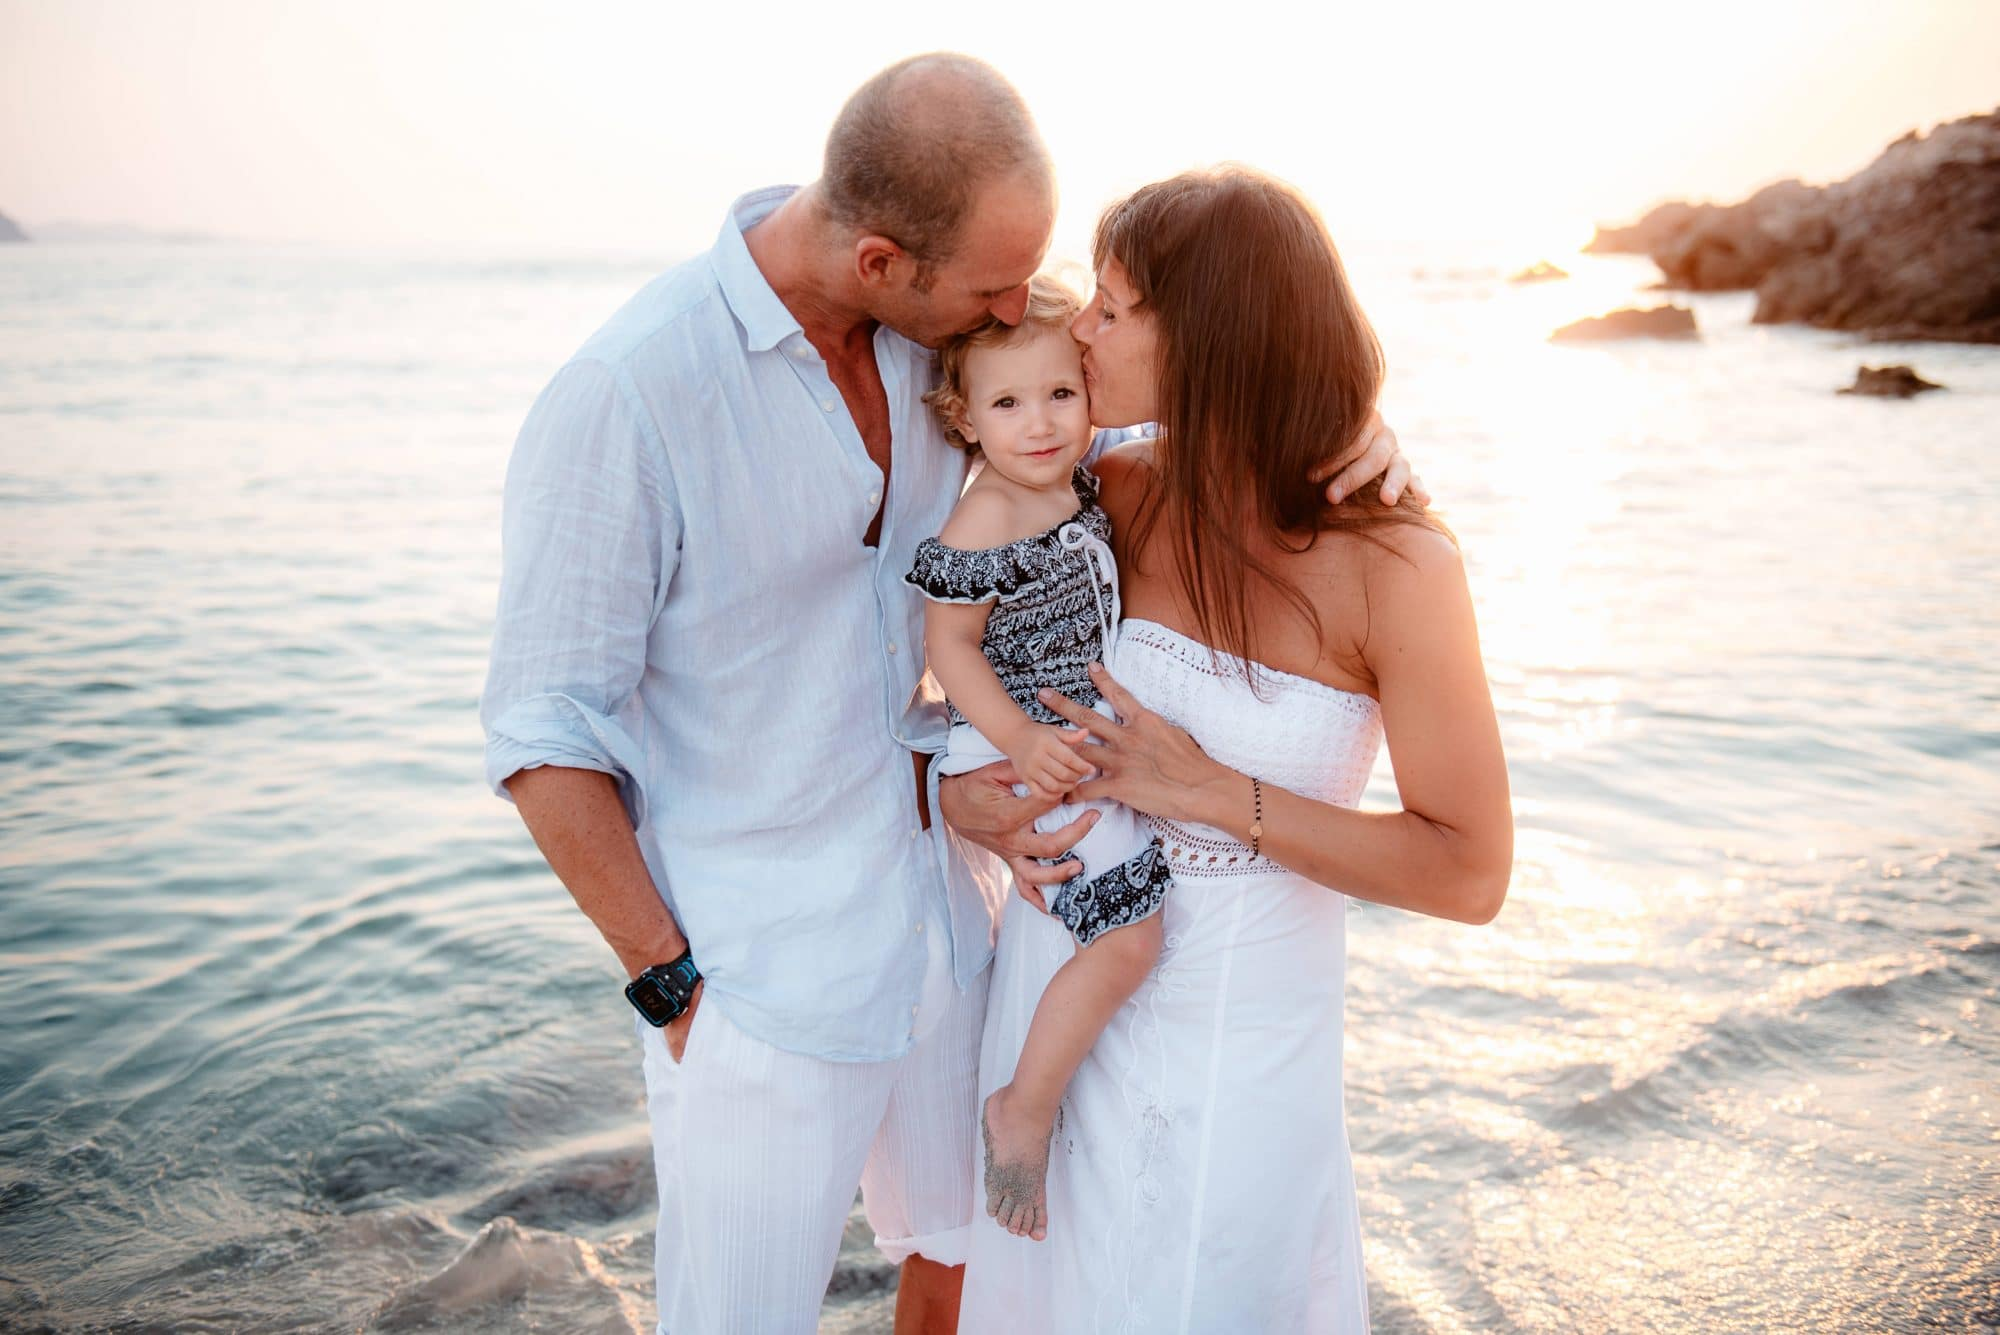 Fotografia di famiglia costa smeralda